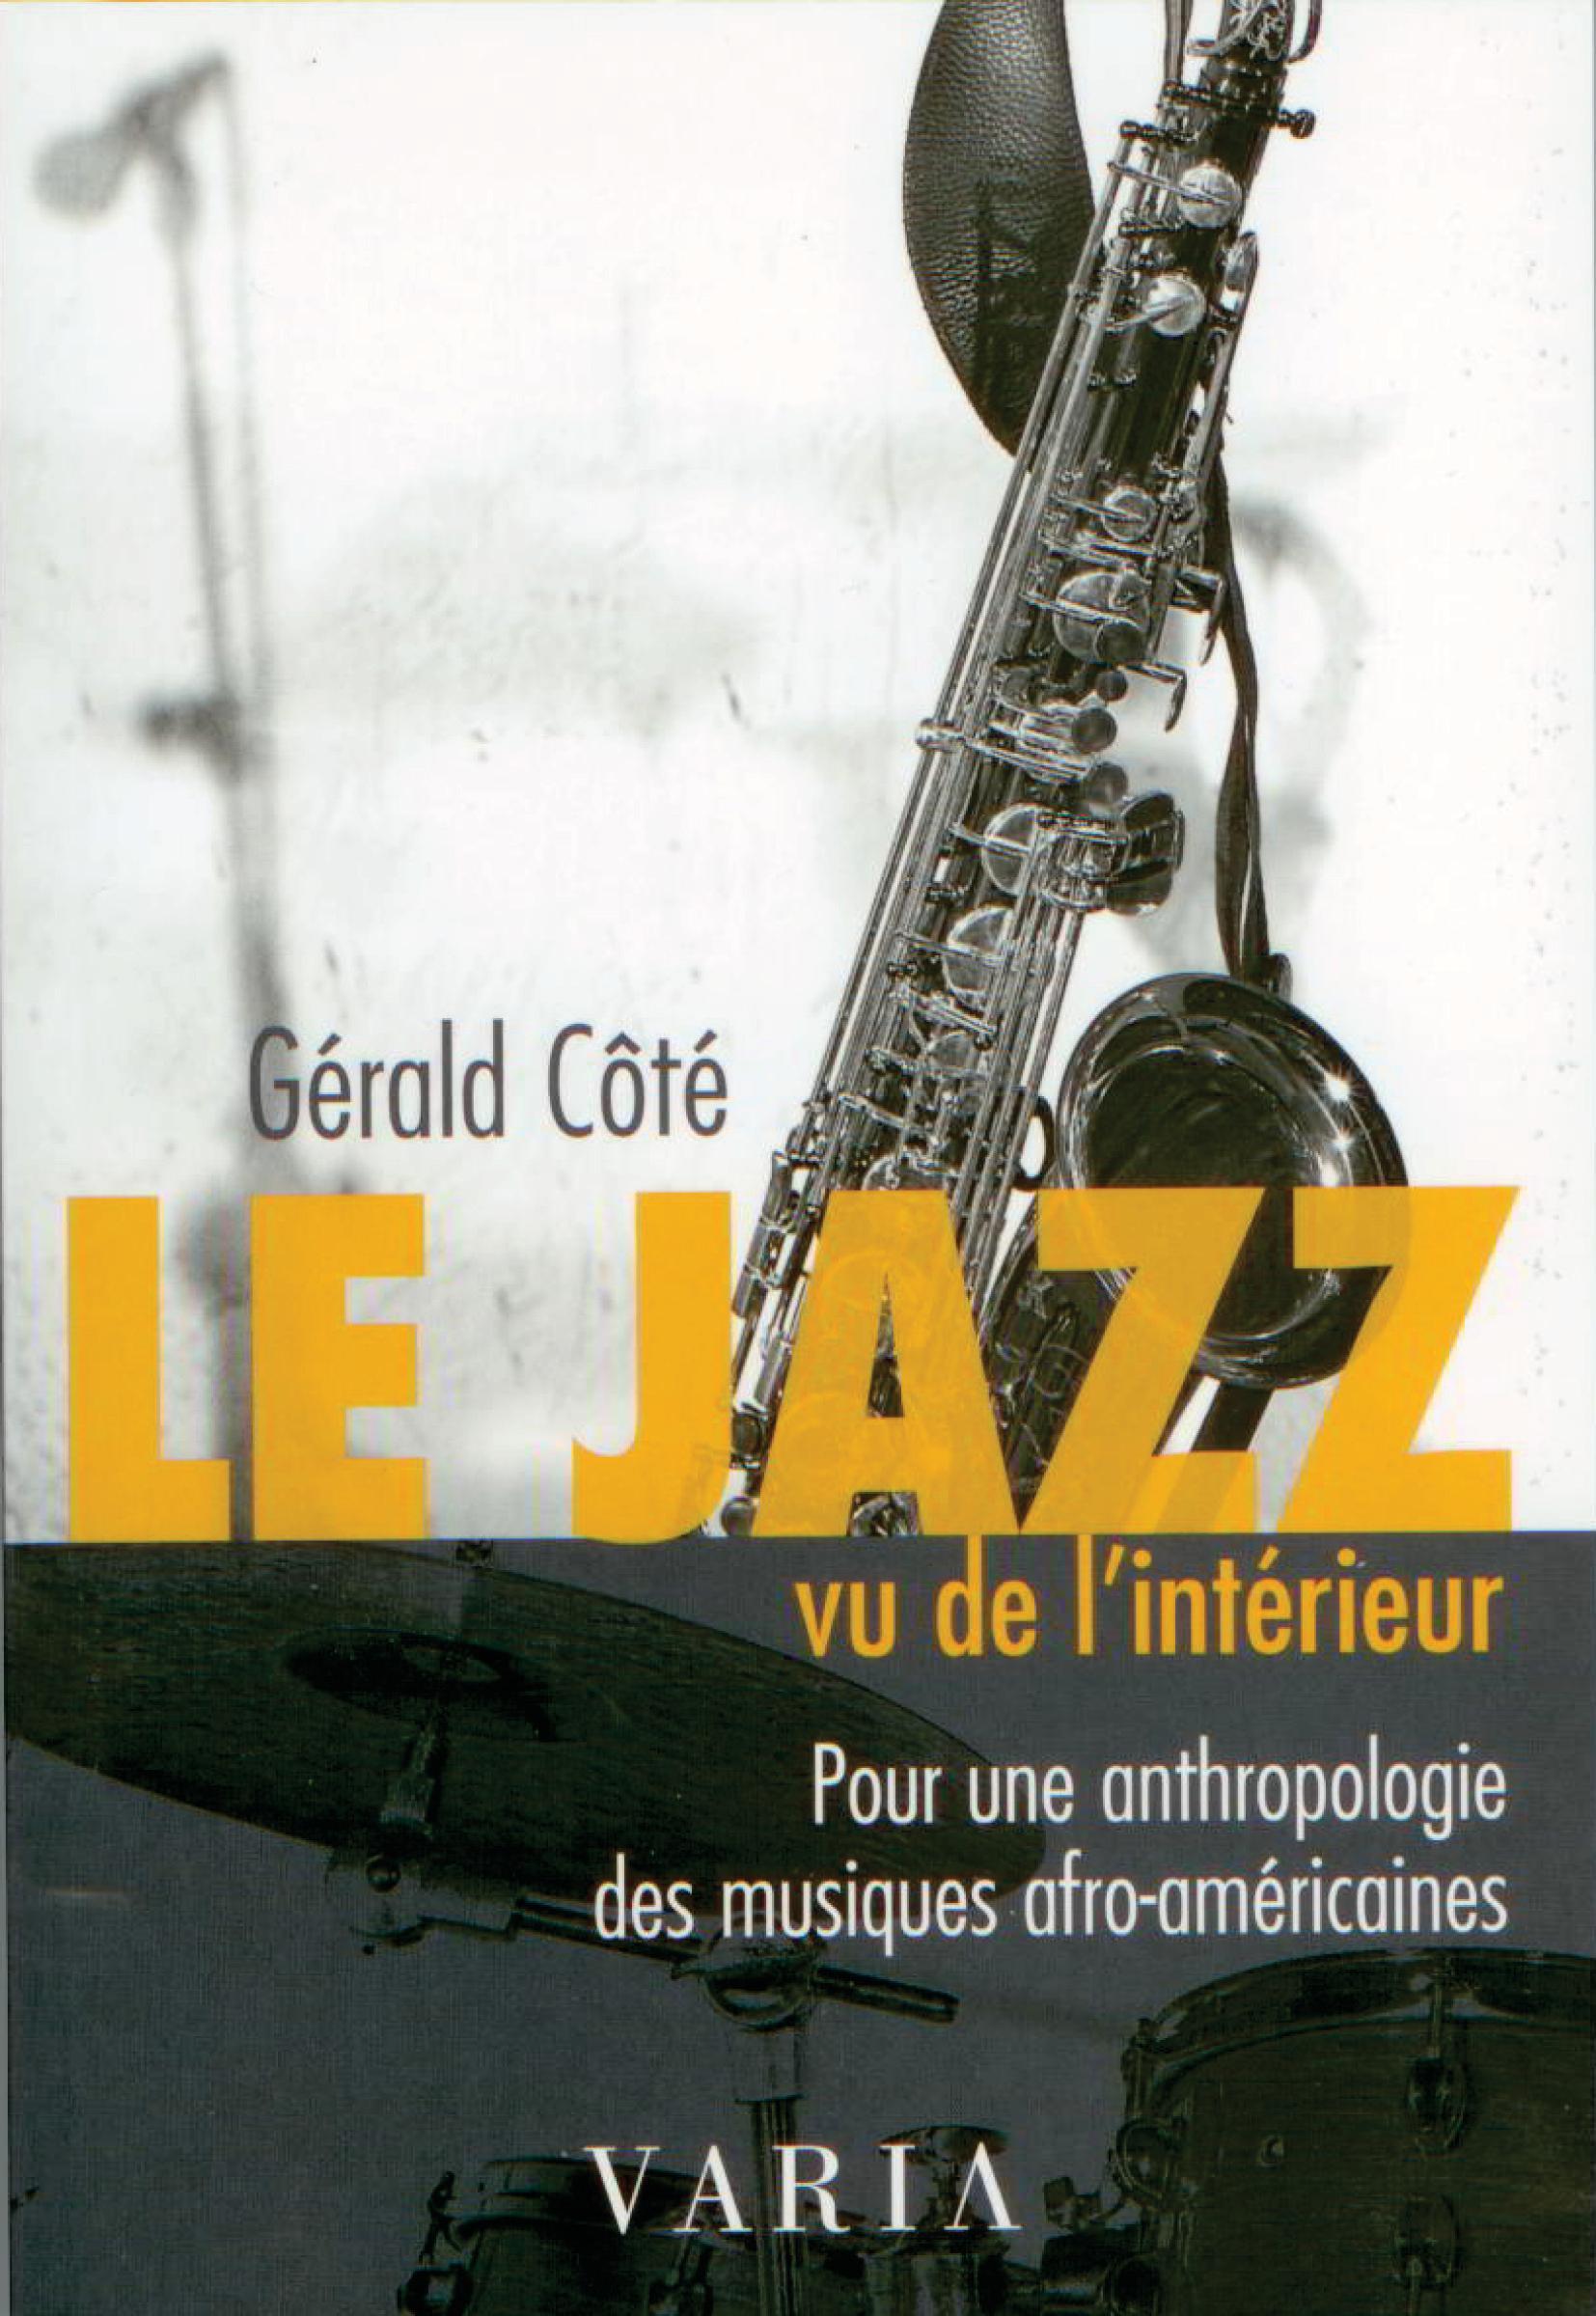 Le jazz vu de l'intérieur